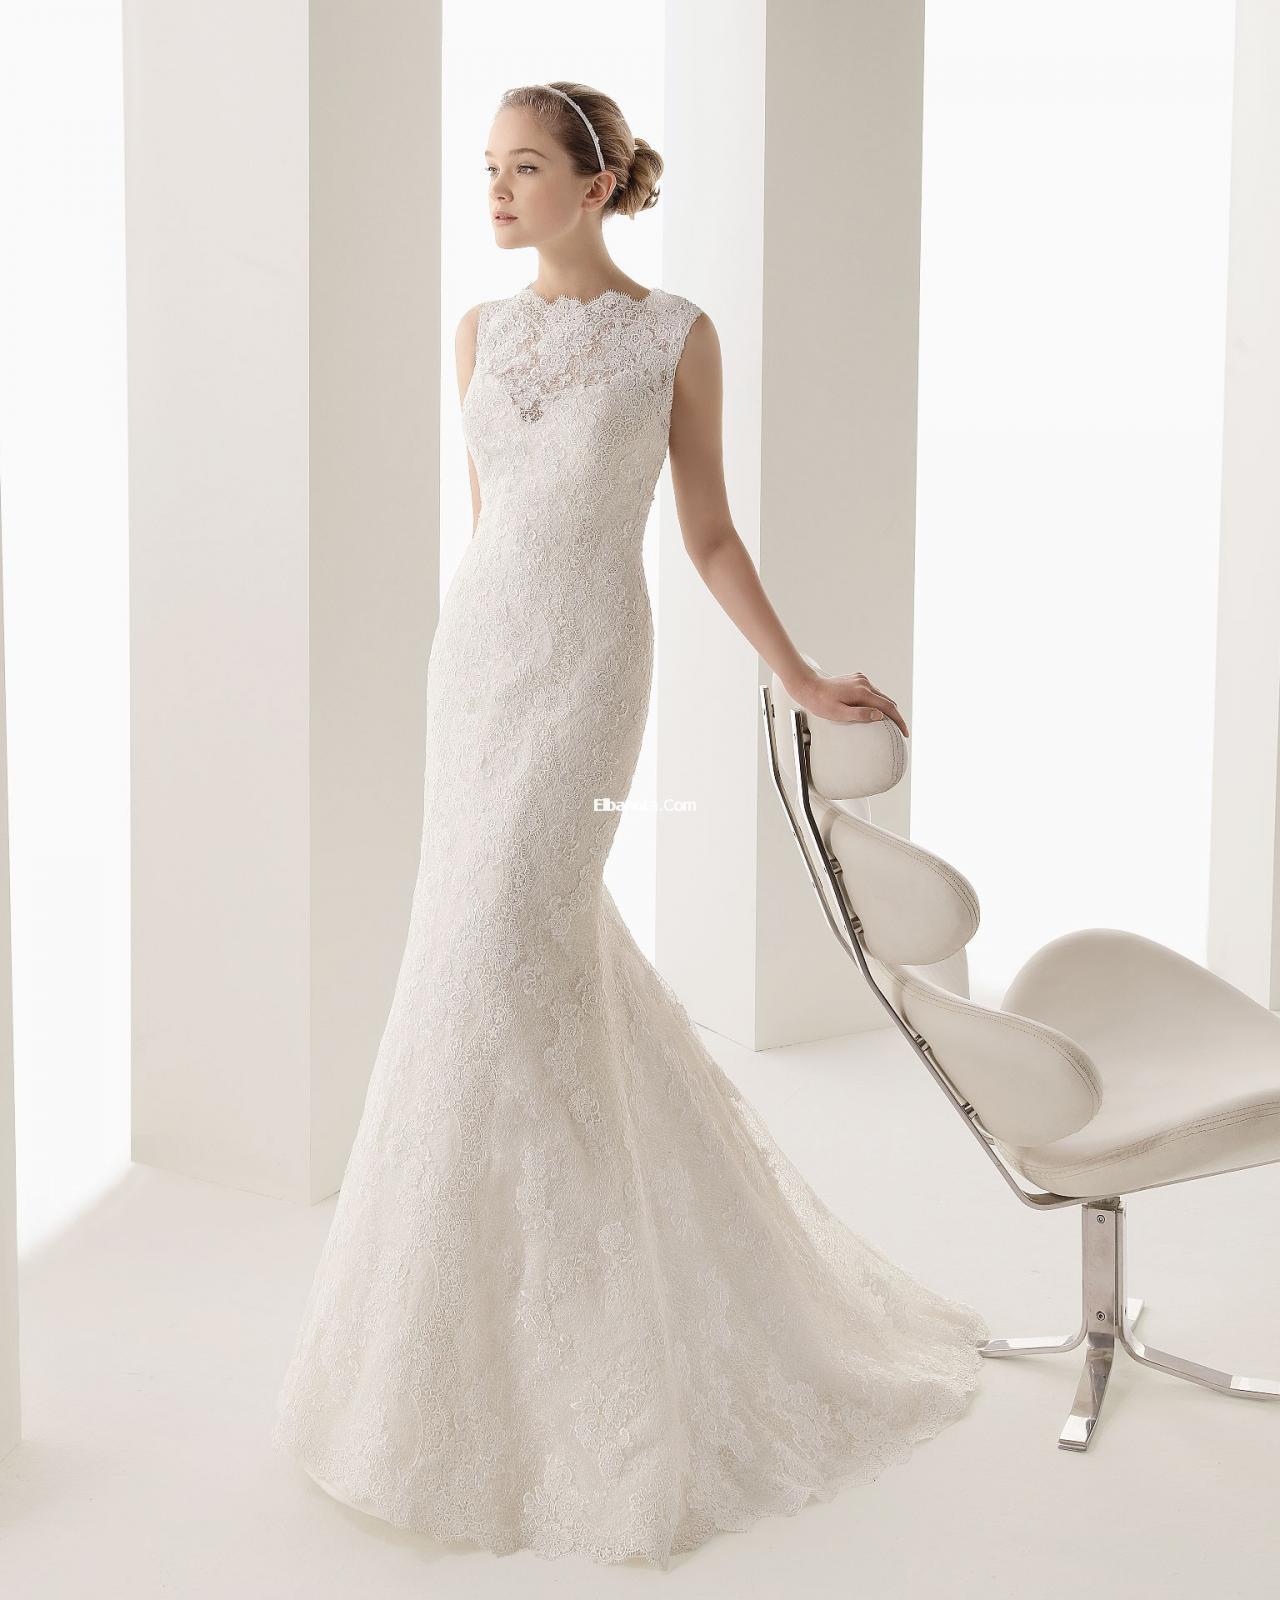 بالصور ملابس اعراس للبنات المراهقات , اجمل فساتين سهرة للعروسات الجميلات 3269 12